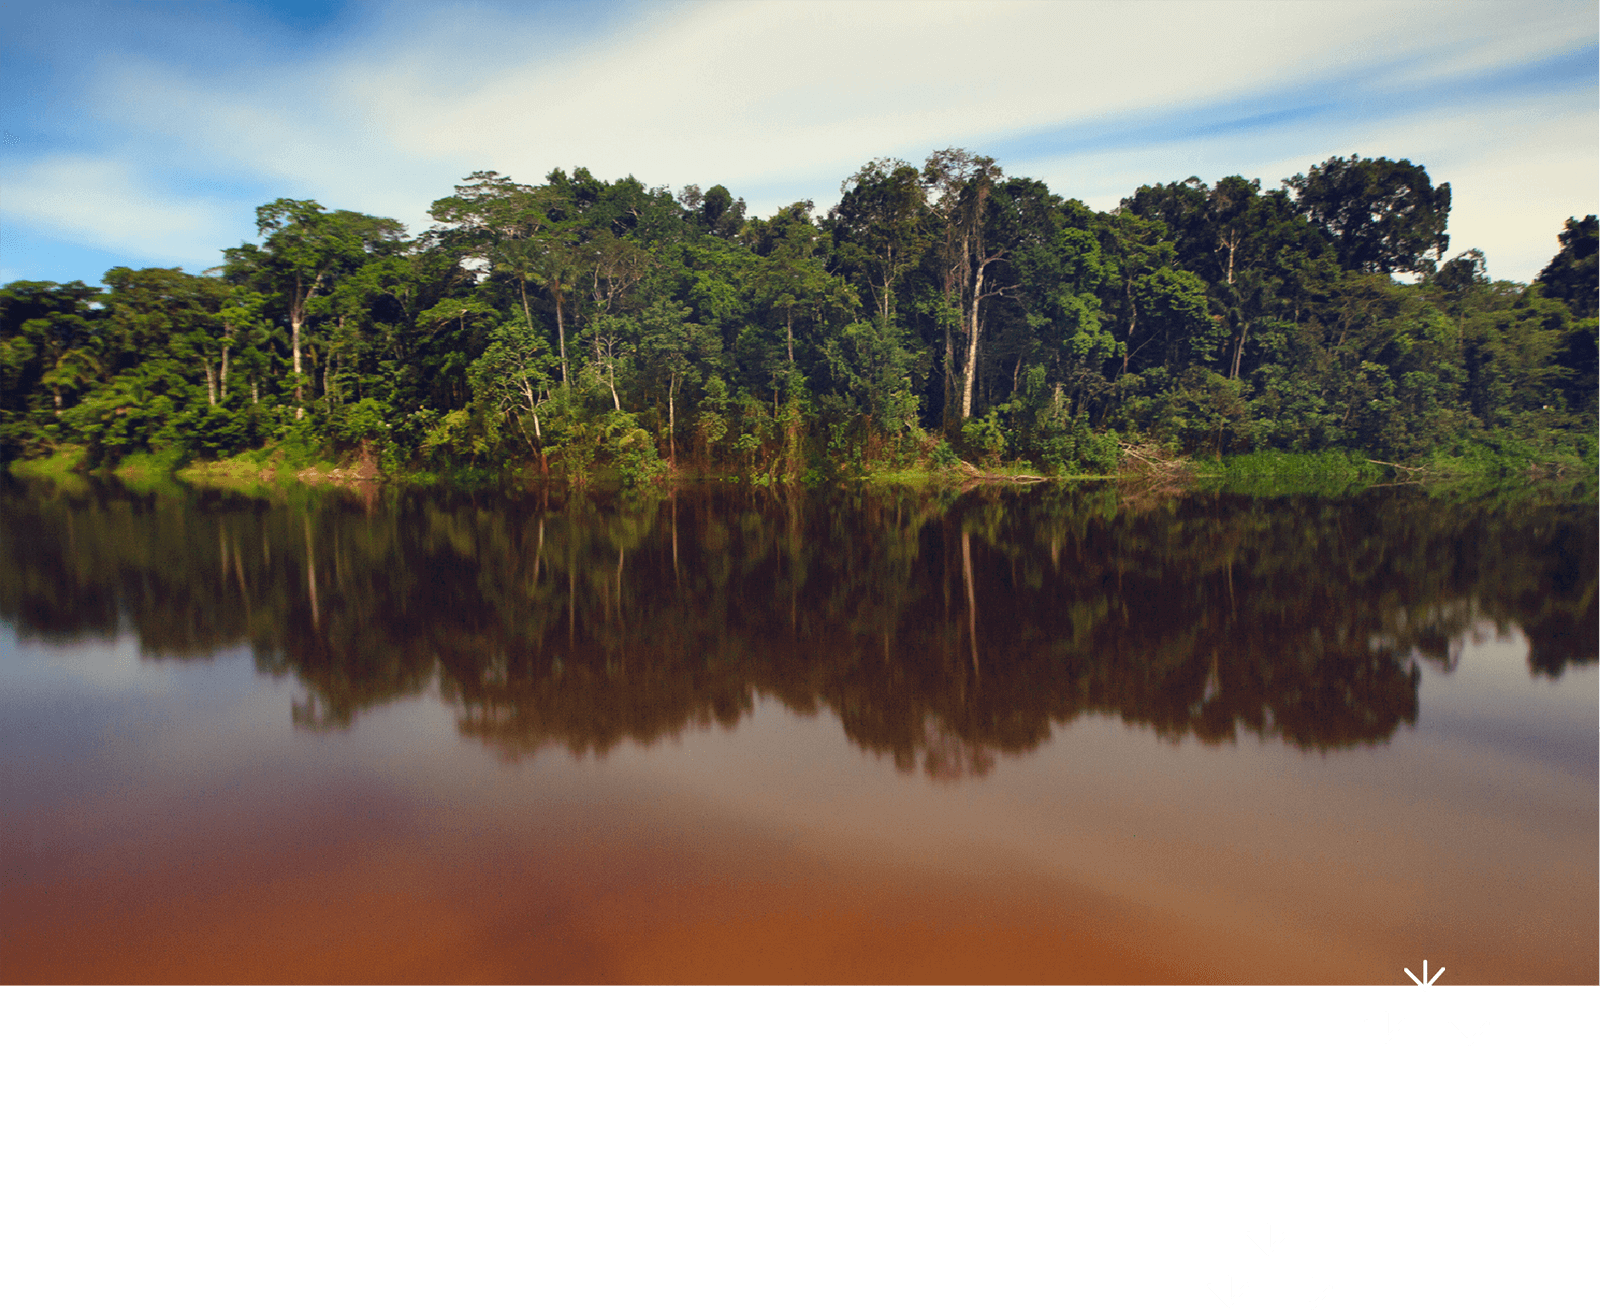 アマゾンの熱帯雨林に出会う。